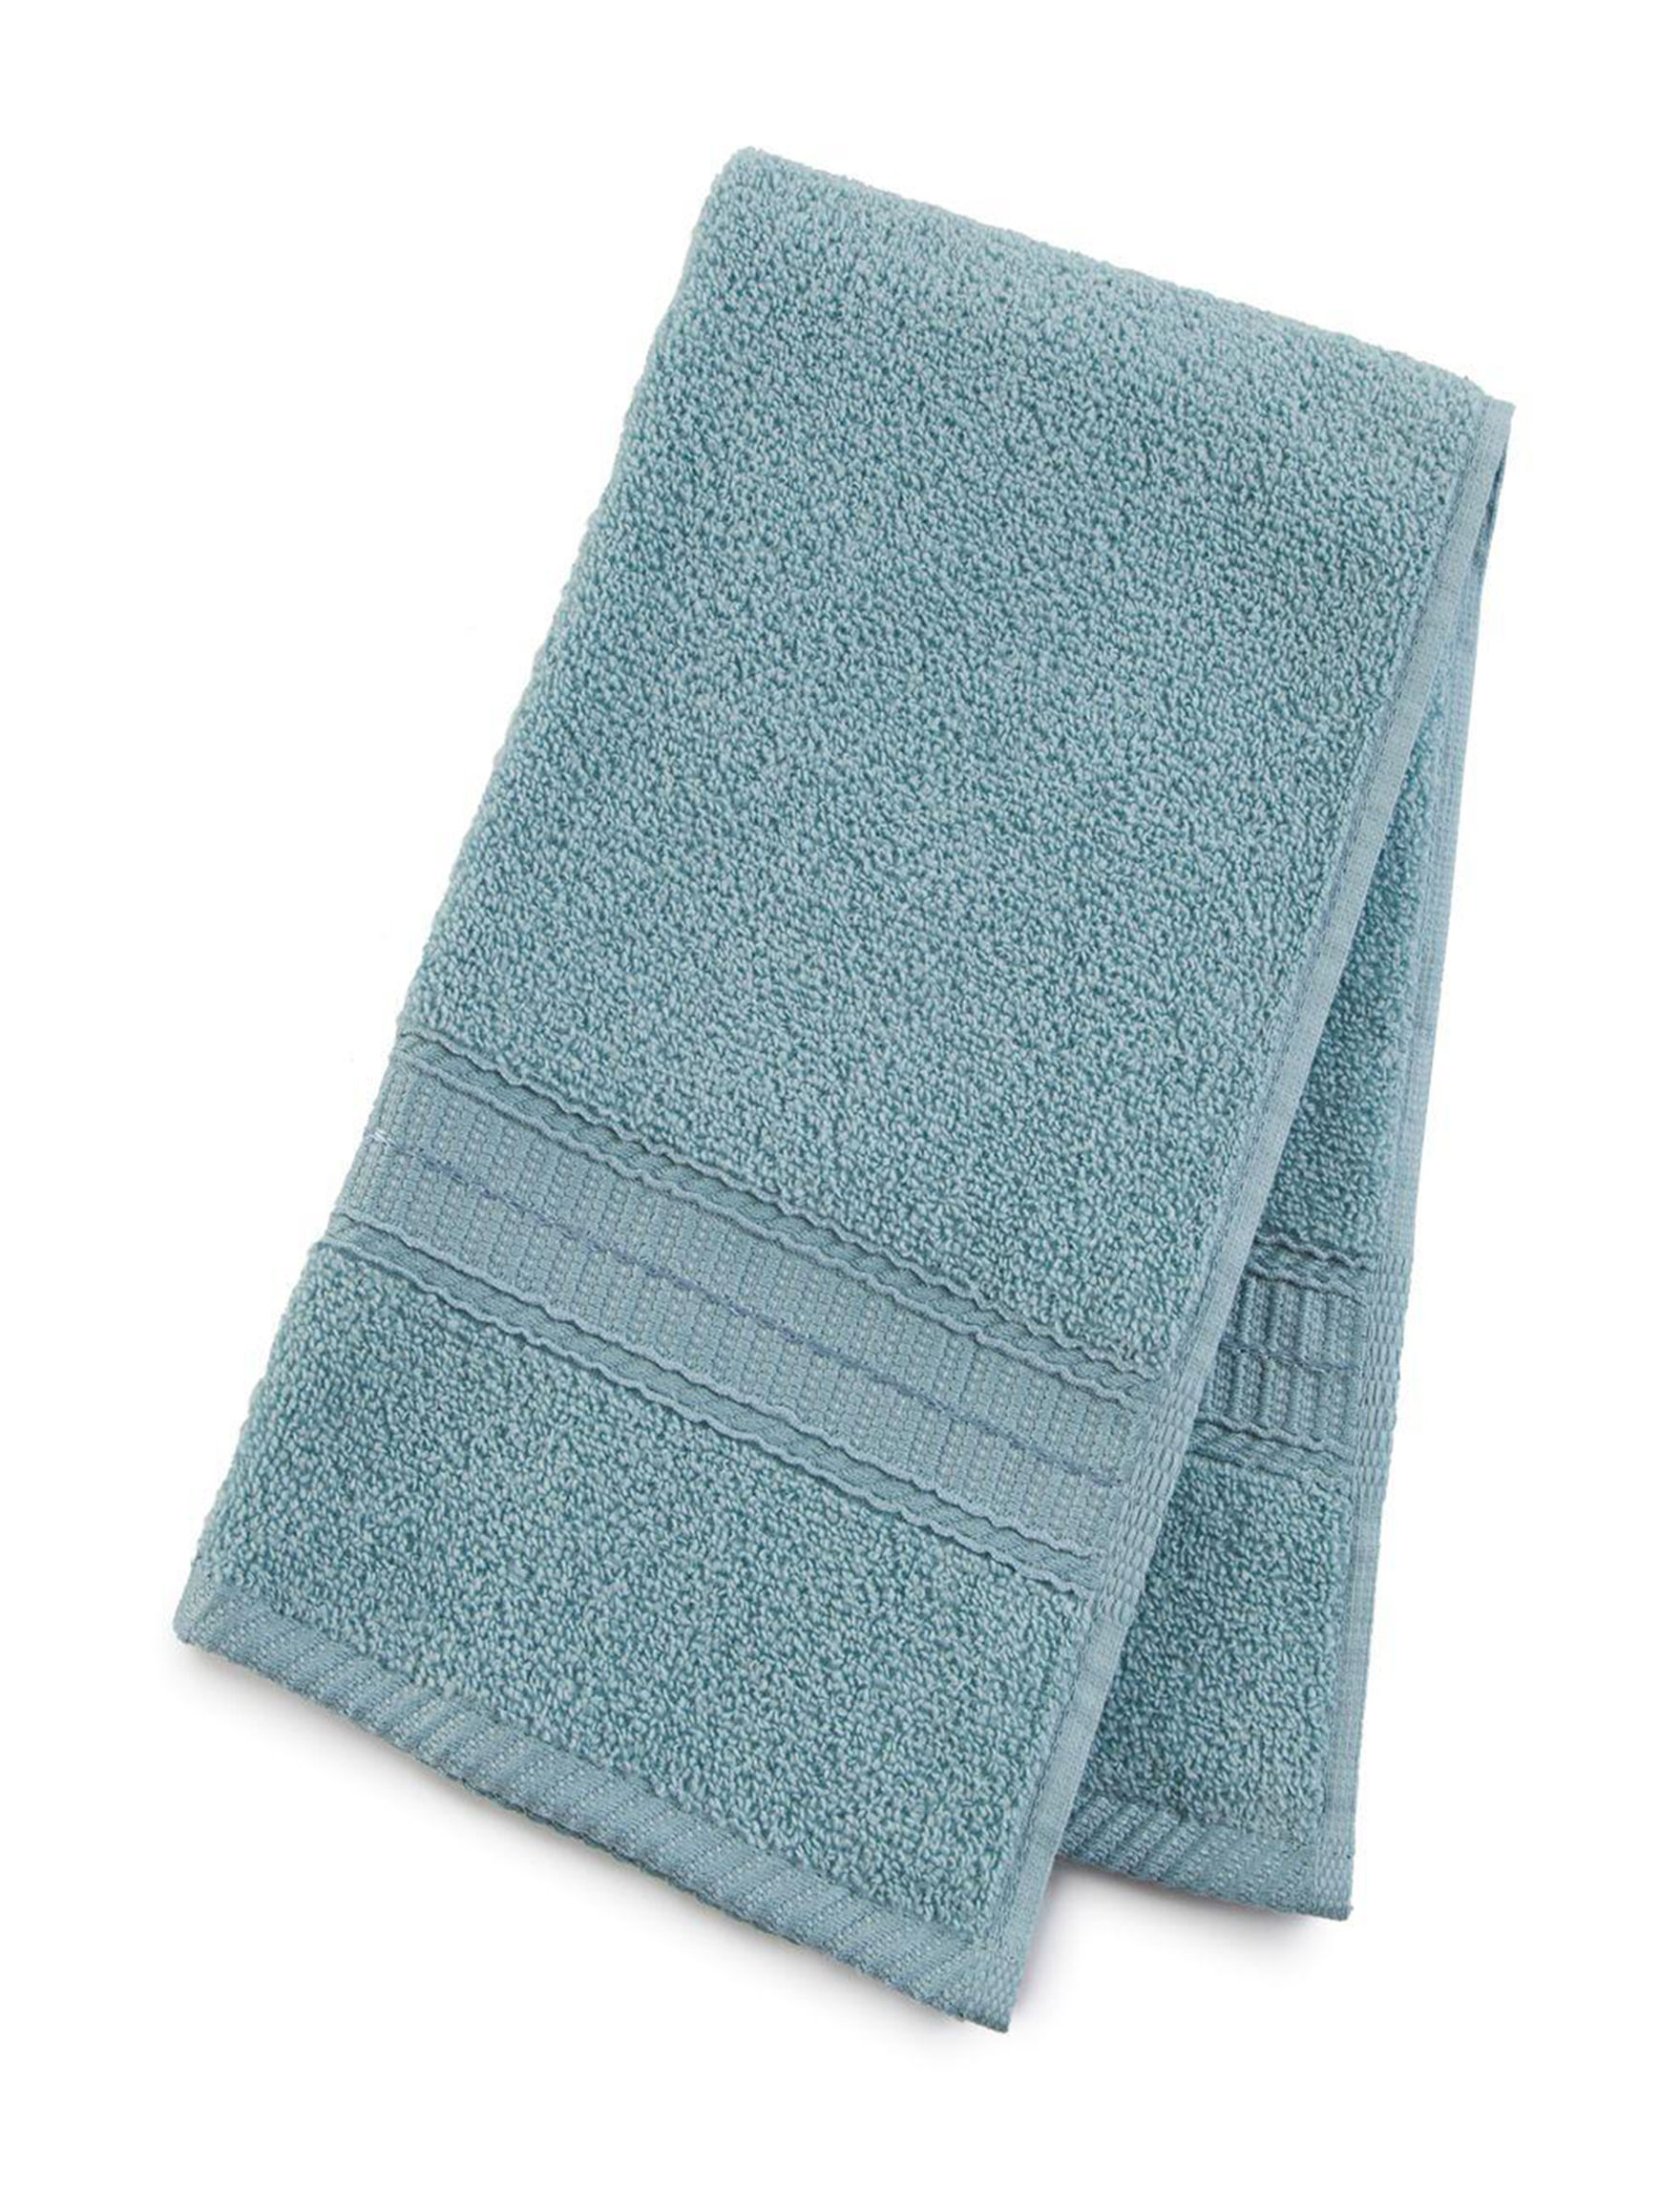 Martex Mineral Hand Towels Towels